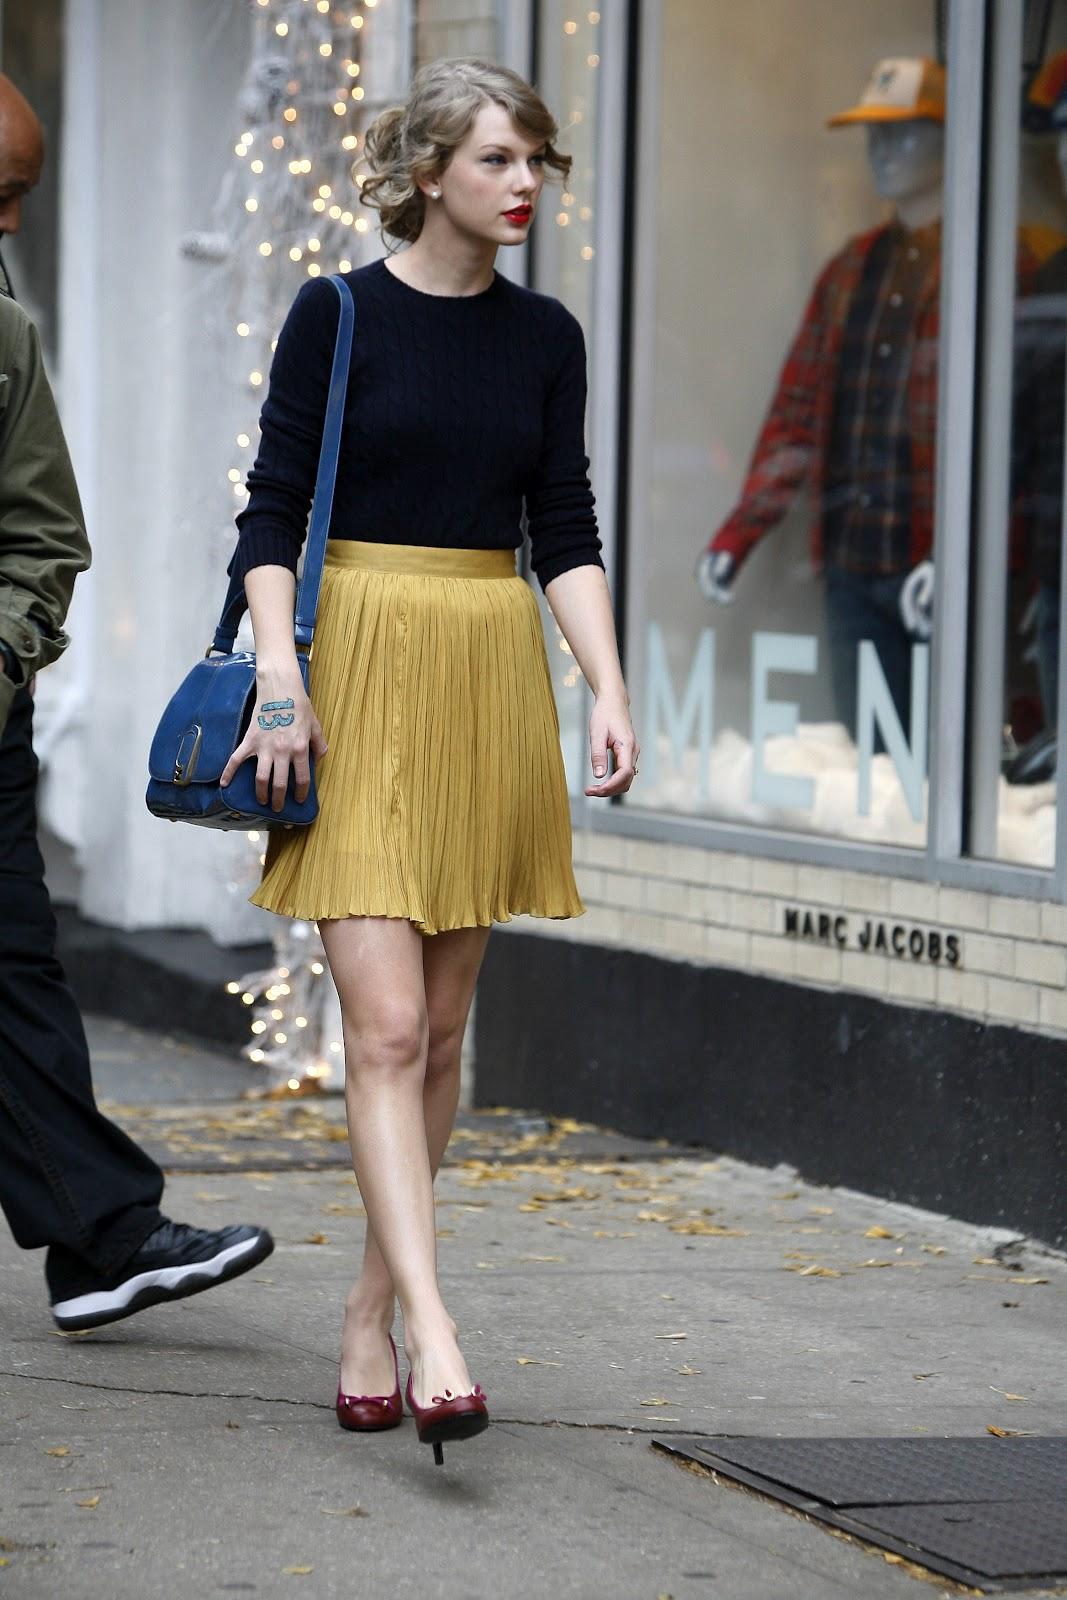 http://1.bp.blogspot.com/-34hCEBq4WaU/Ty9R01xT6YI/AAAAAAAABAA/UOo_Kzbtz28/s1600/Taylor+Swift+NYC.jpg